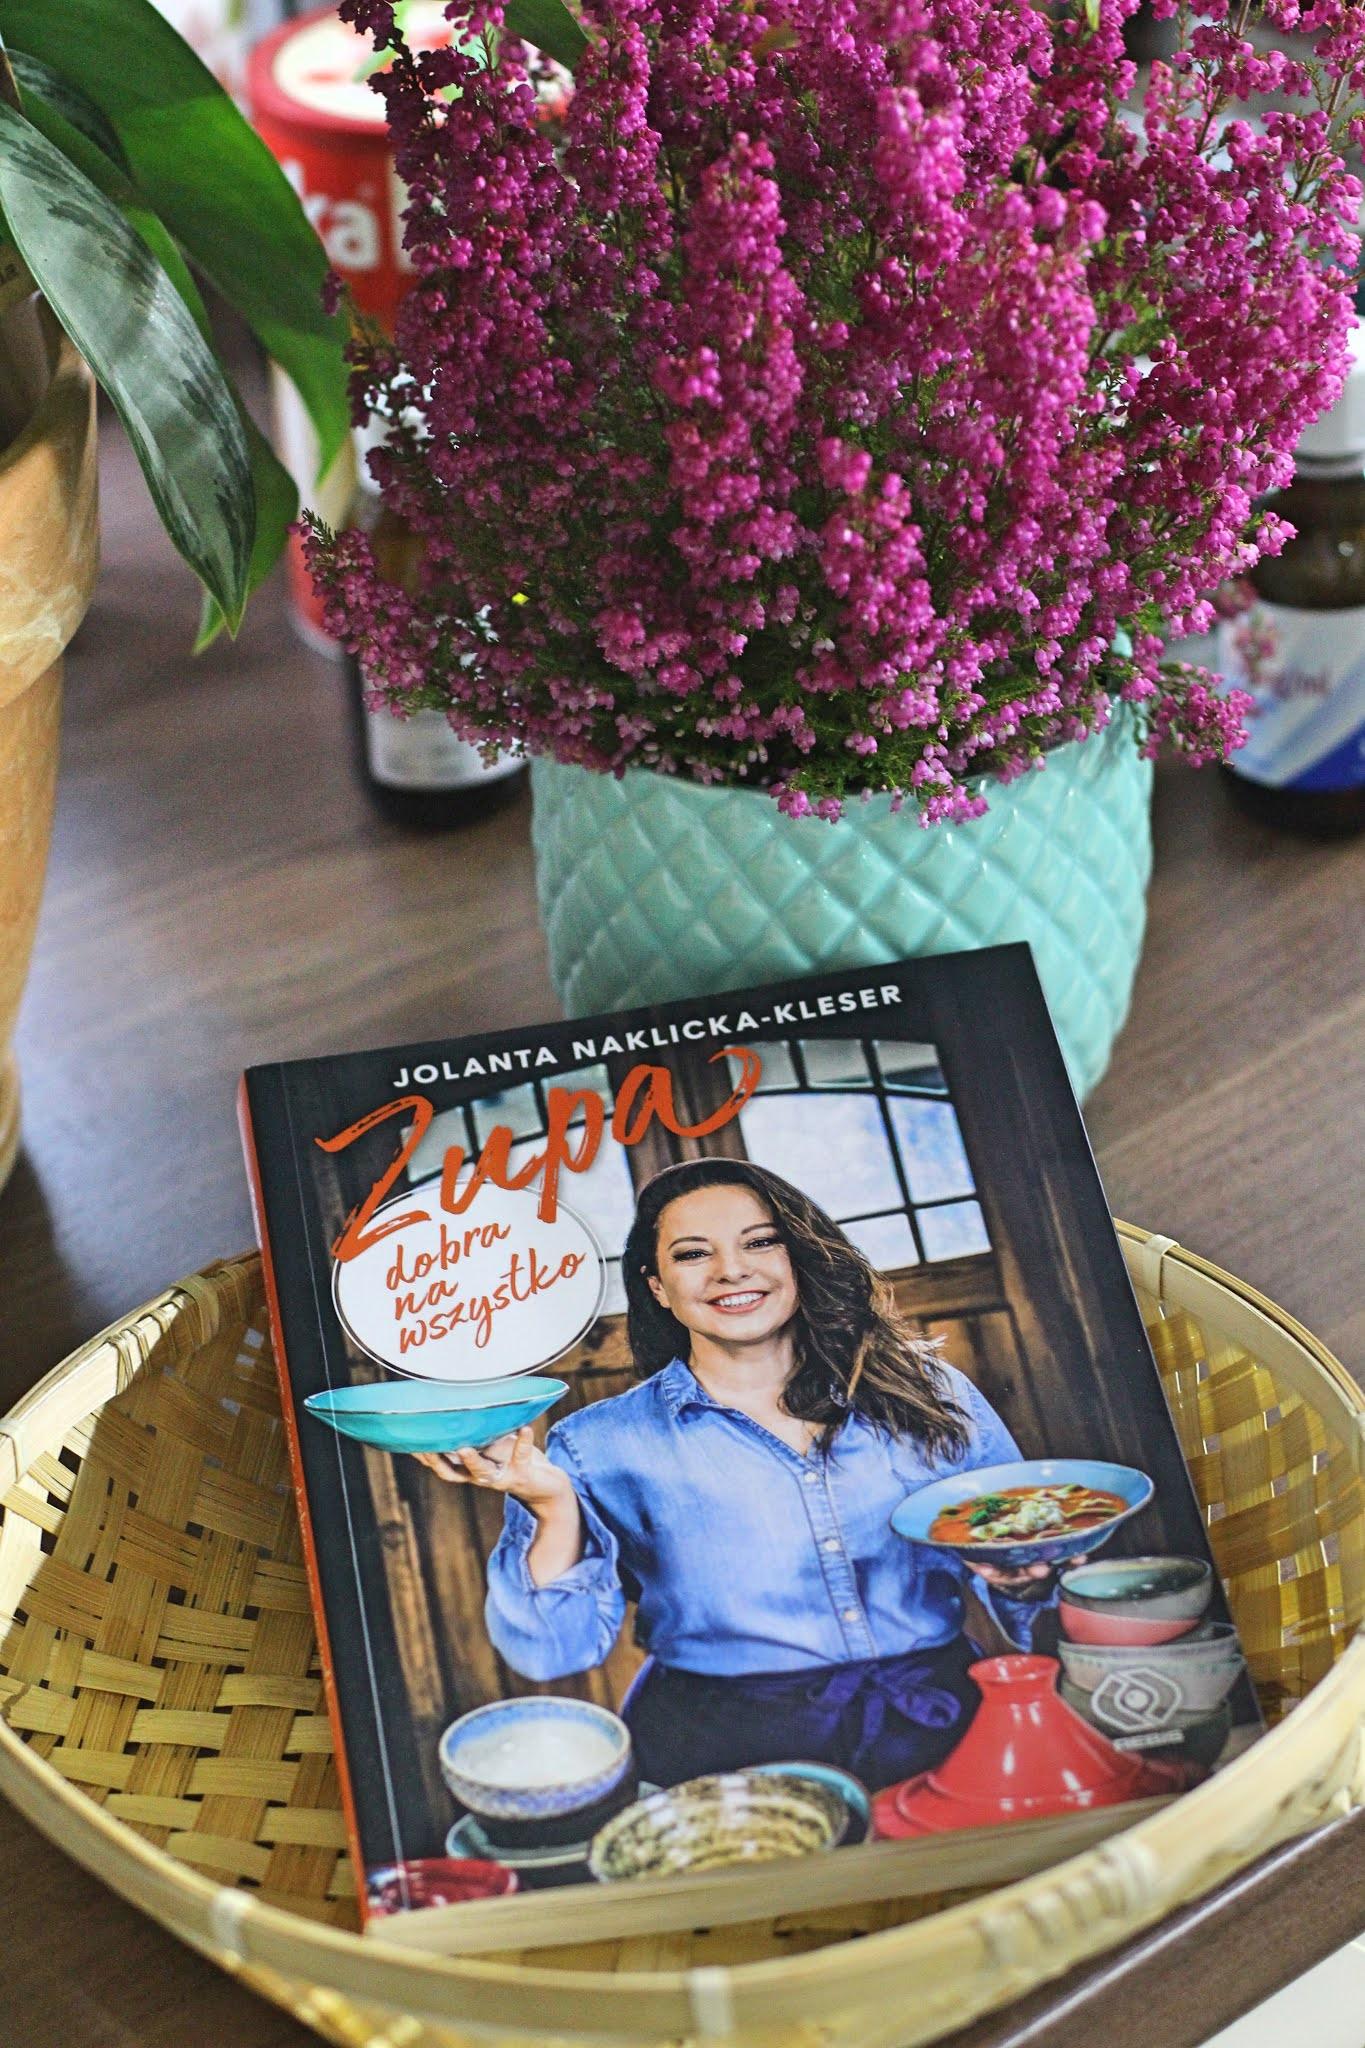 Zupa dobra na wszystko Jolanta Naklicka-Kleser